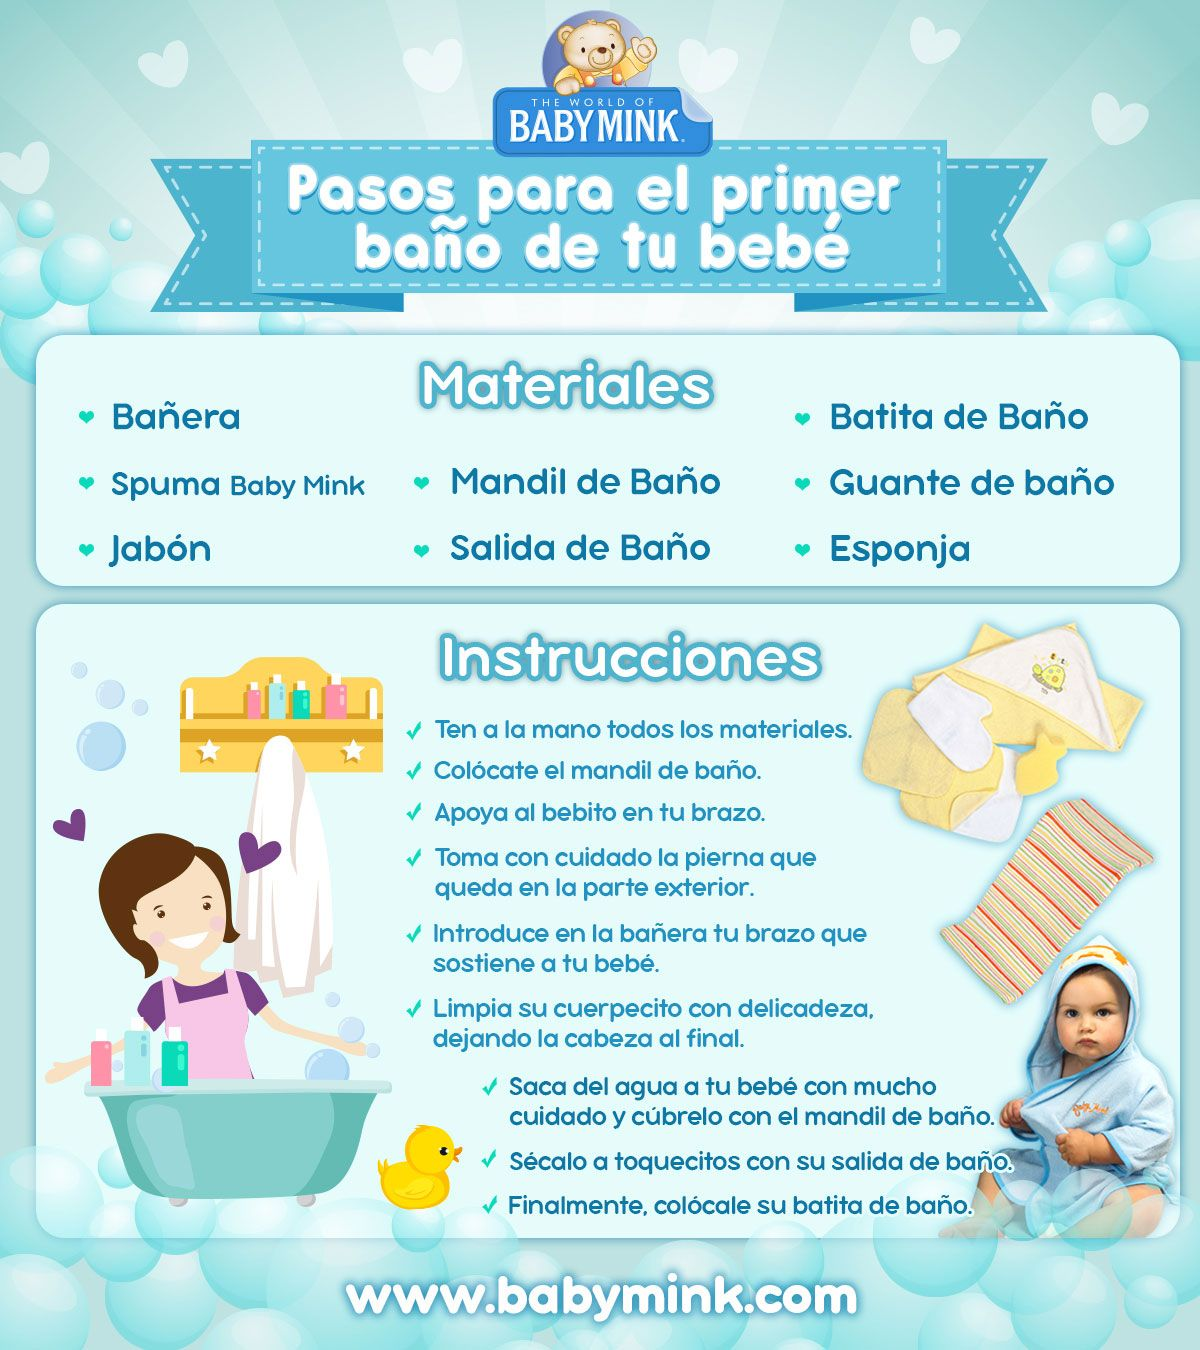 Pasos Para El Primer Bano Del Bebe Baby Mink Bebe Cuidados